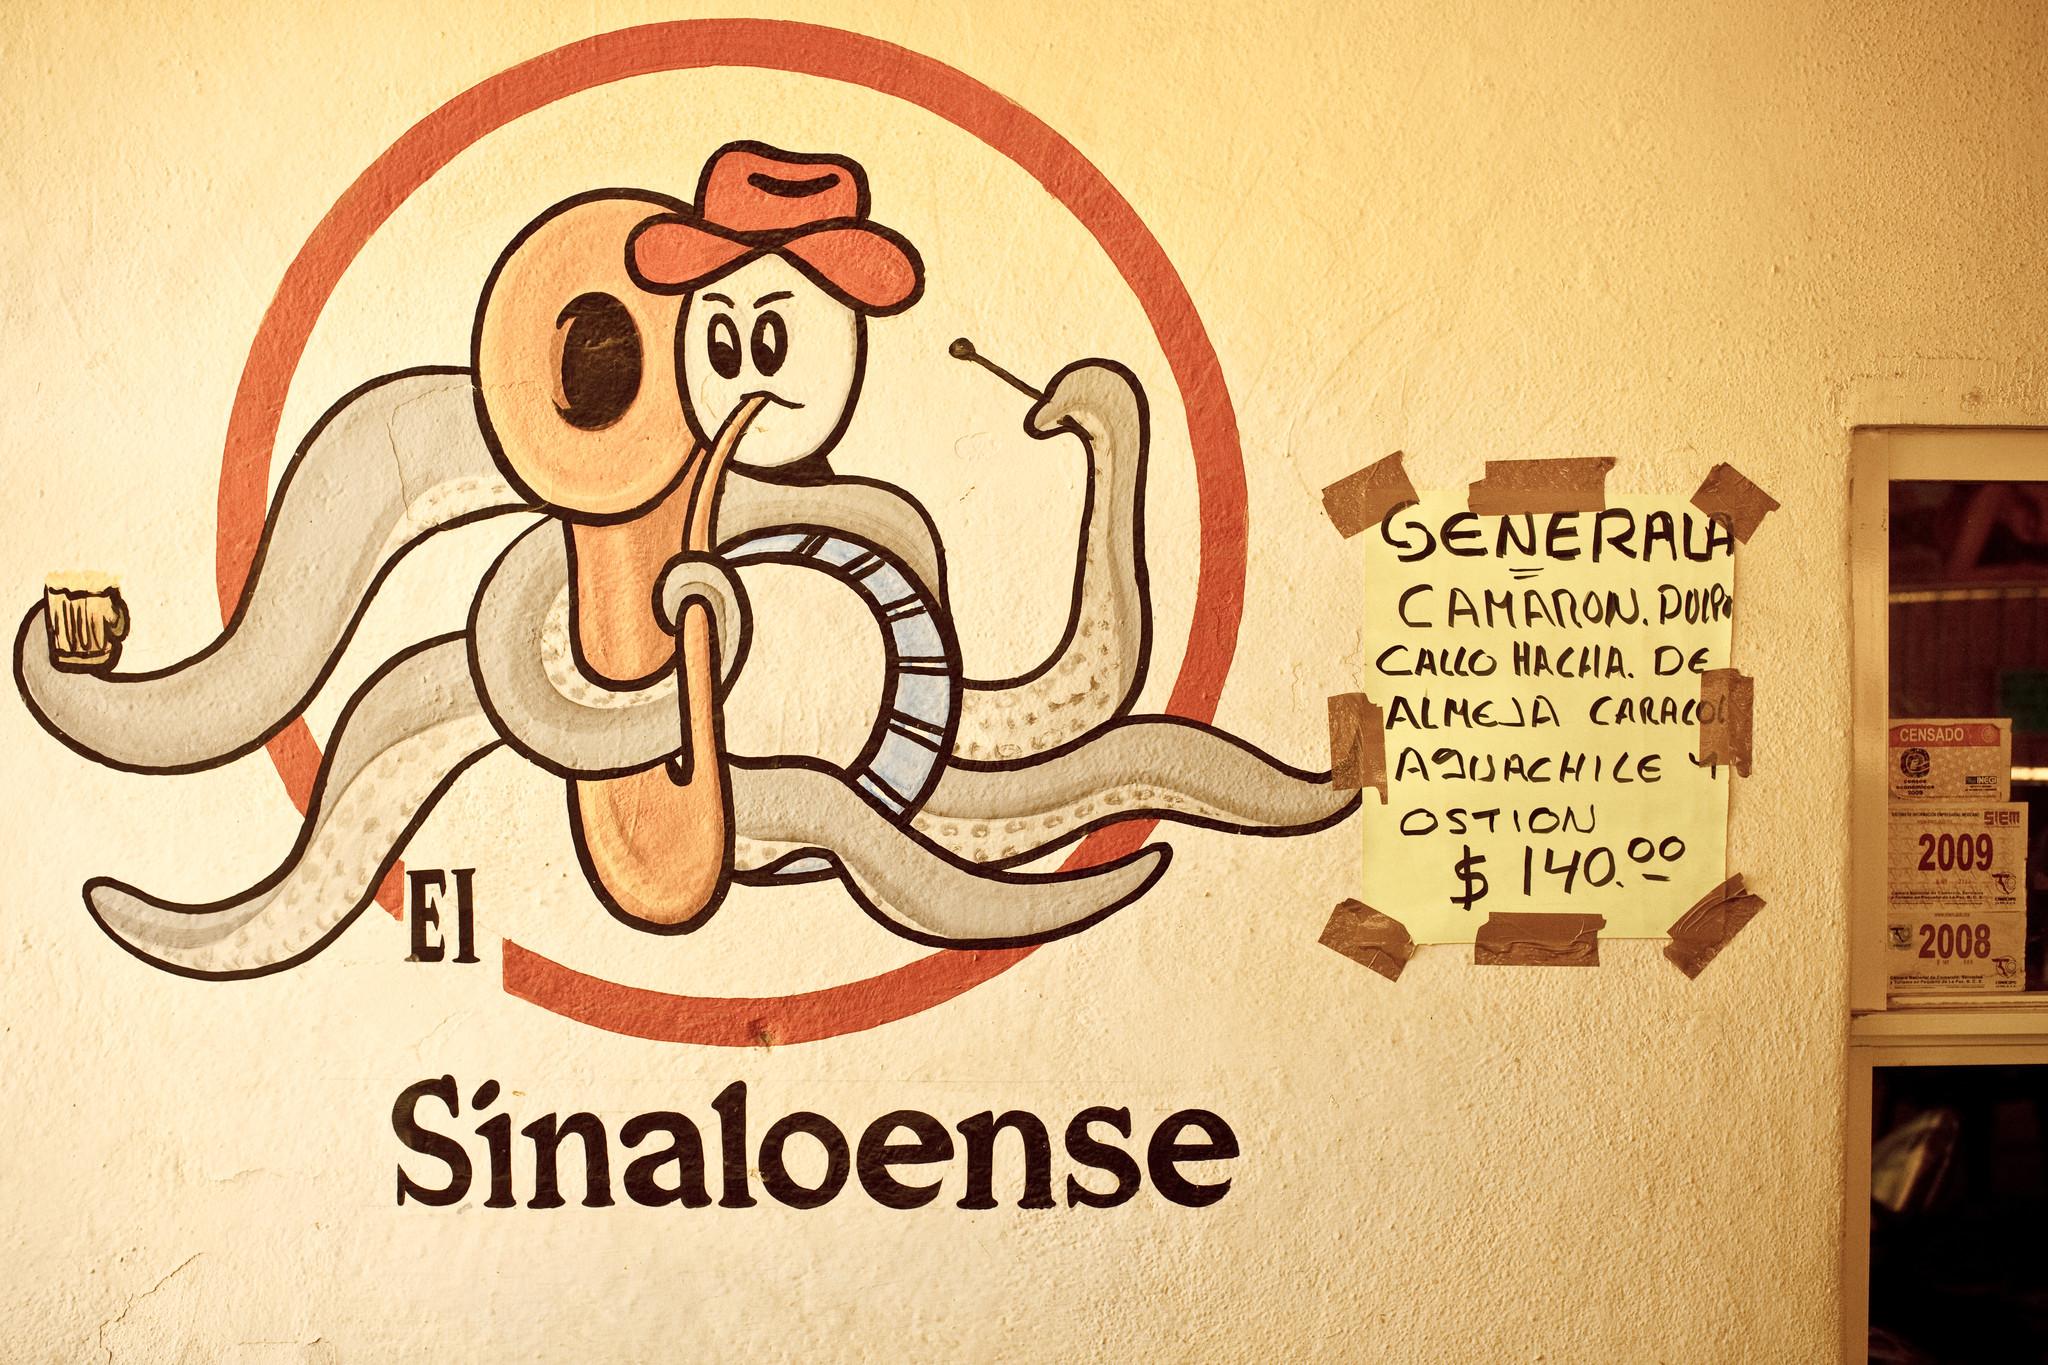 Mariscos el Sinaloense, San Jose del Cabo - El restaurante